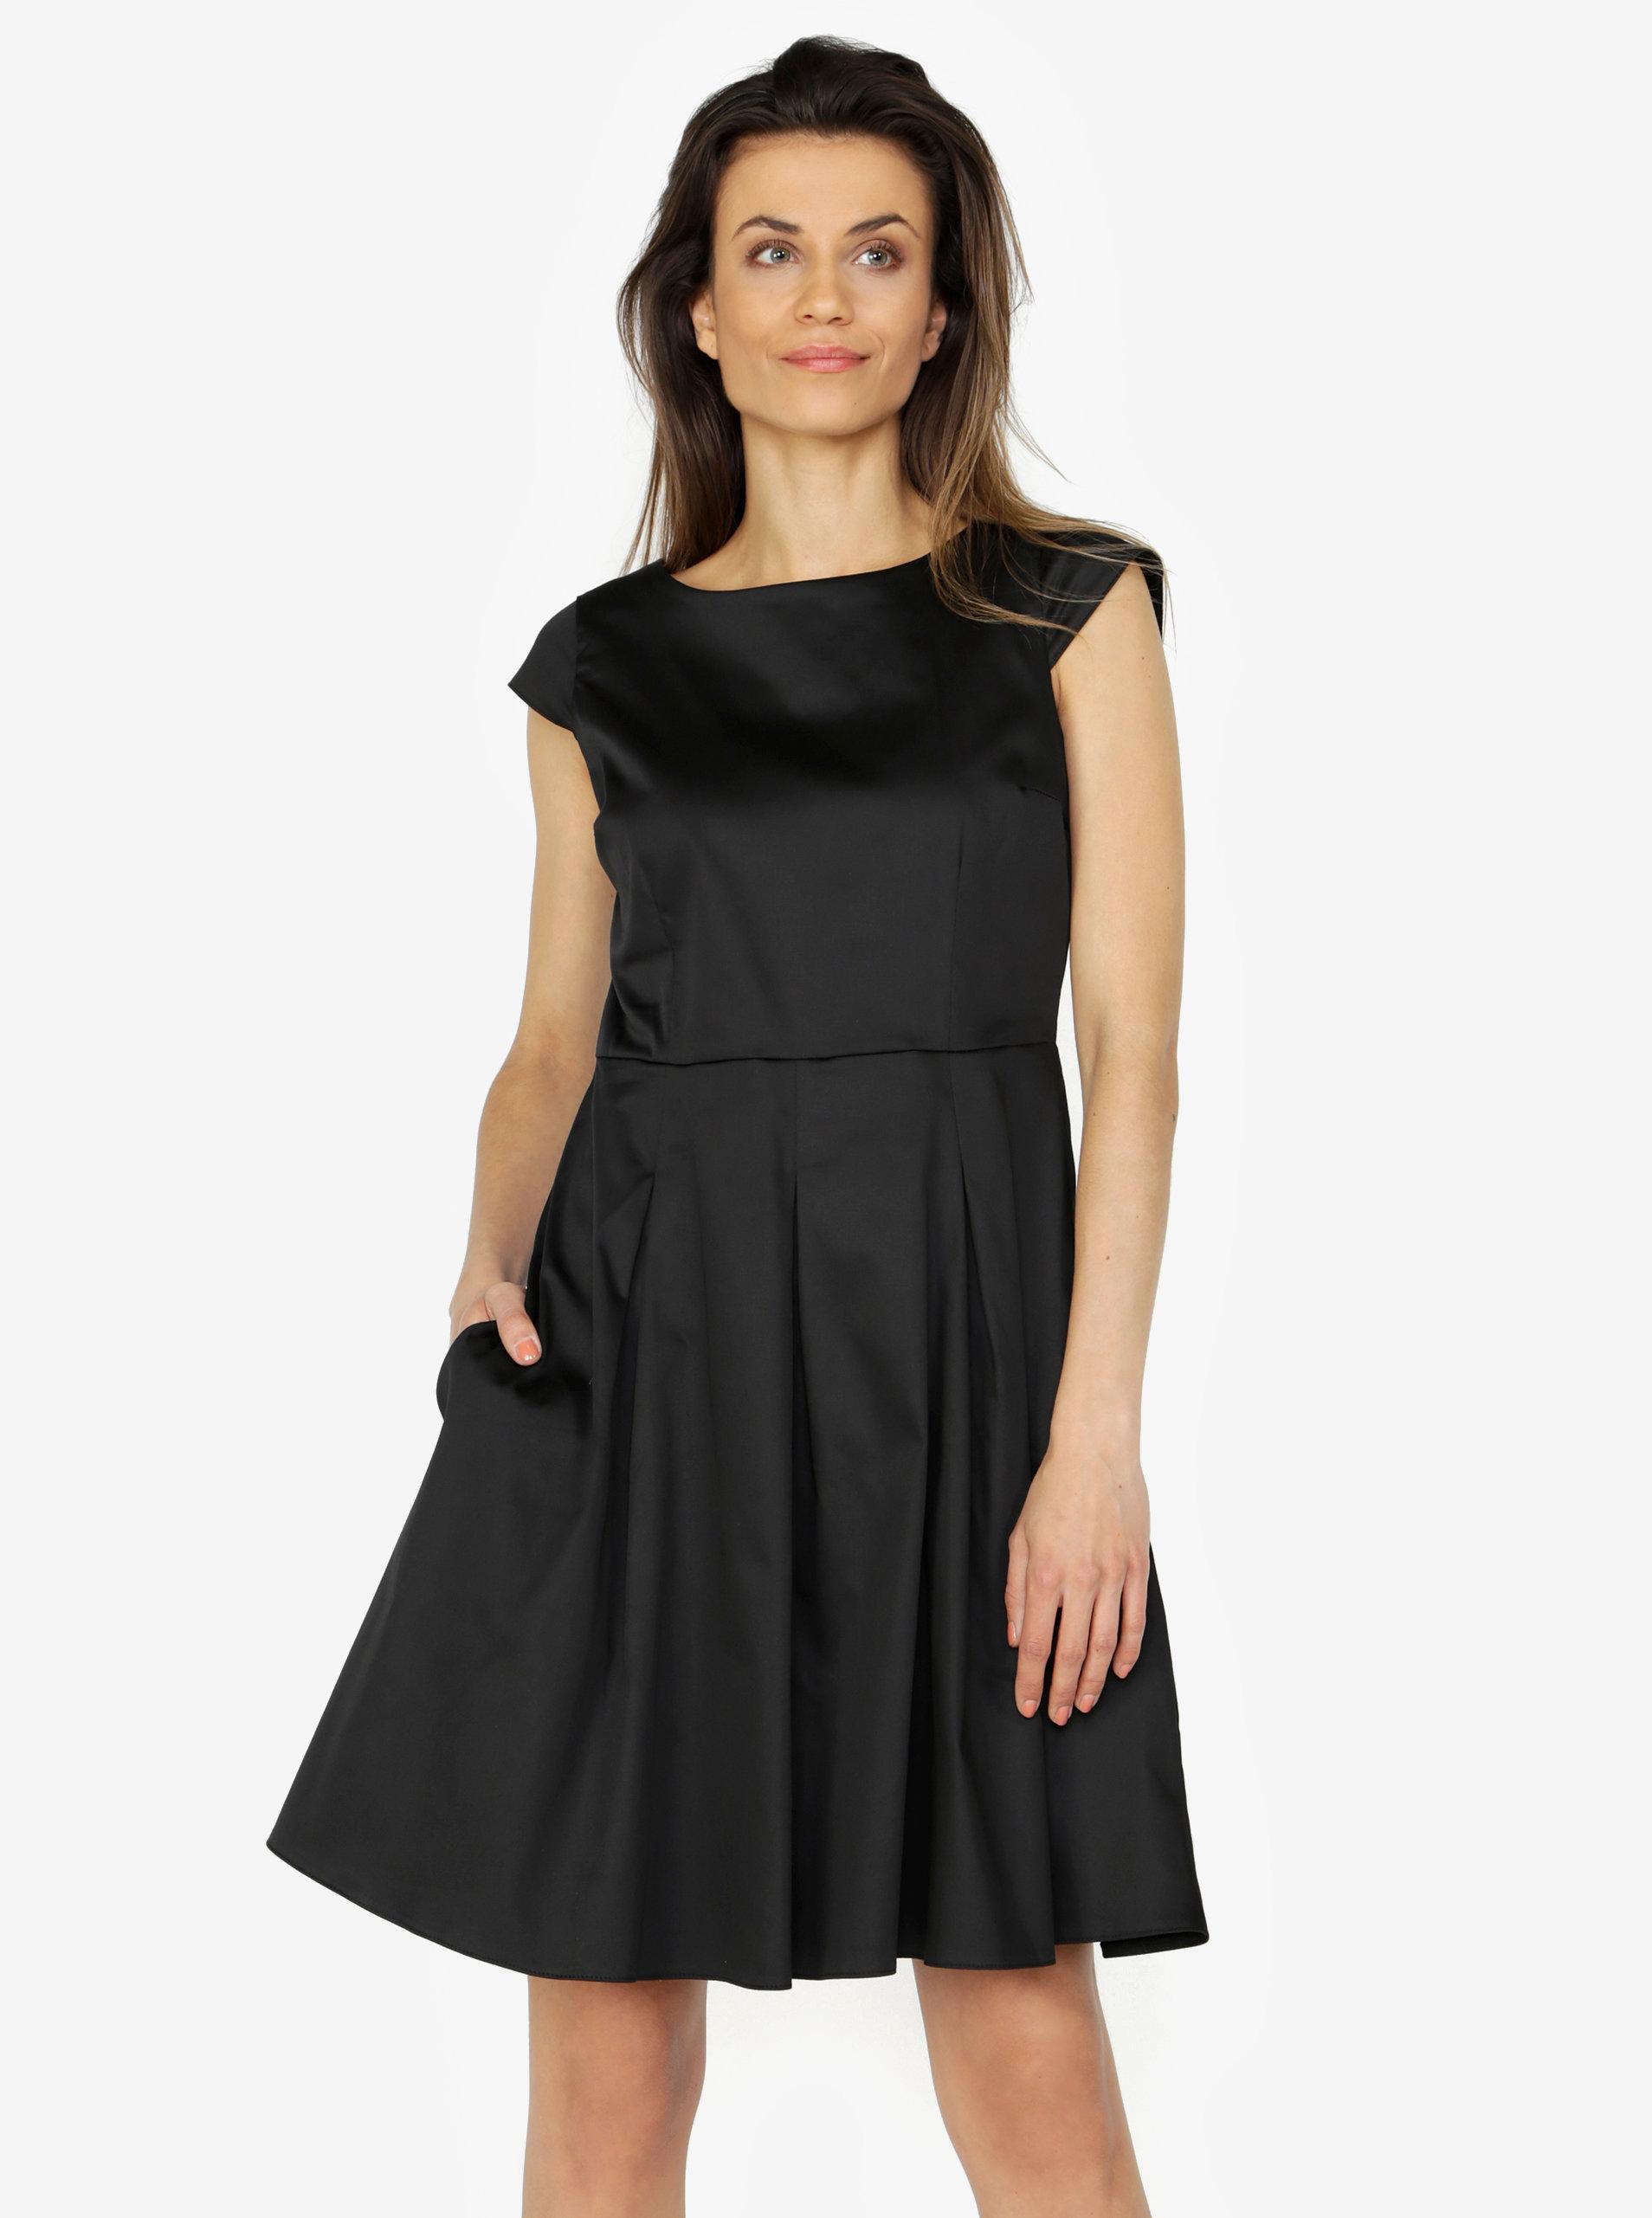 5c63178a61a7 Černe šaty s áčkovou sukní ZOOT ...